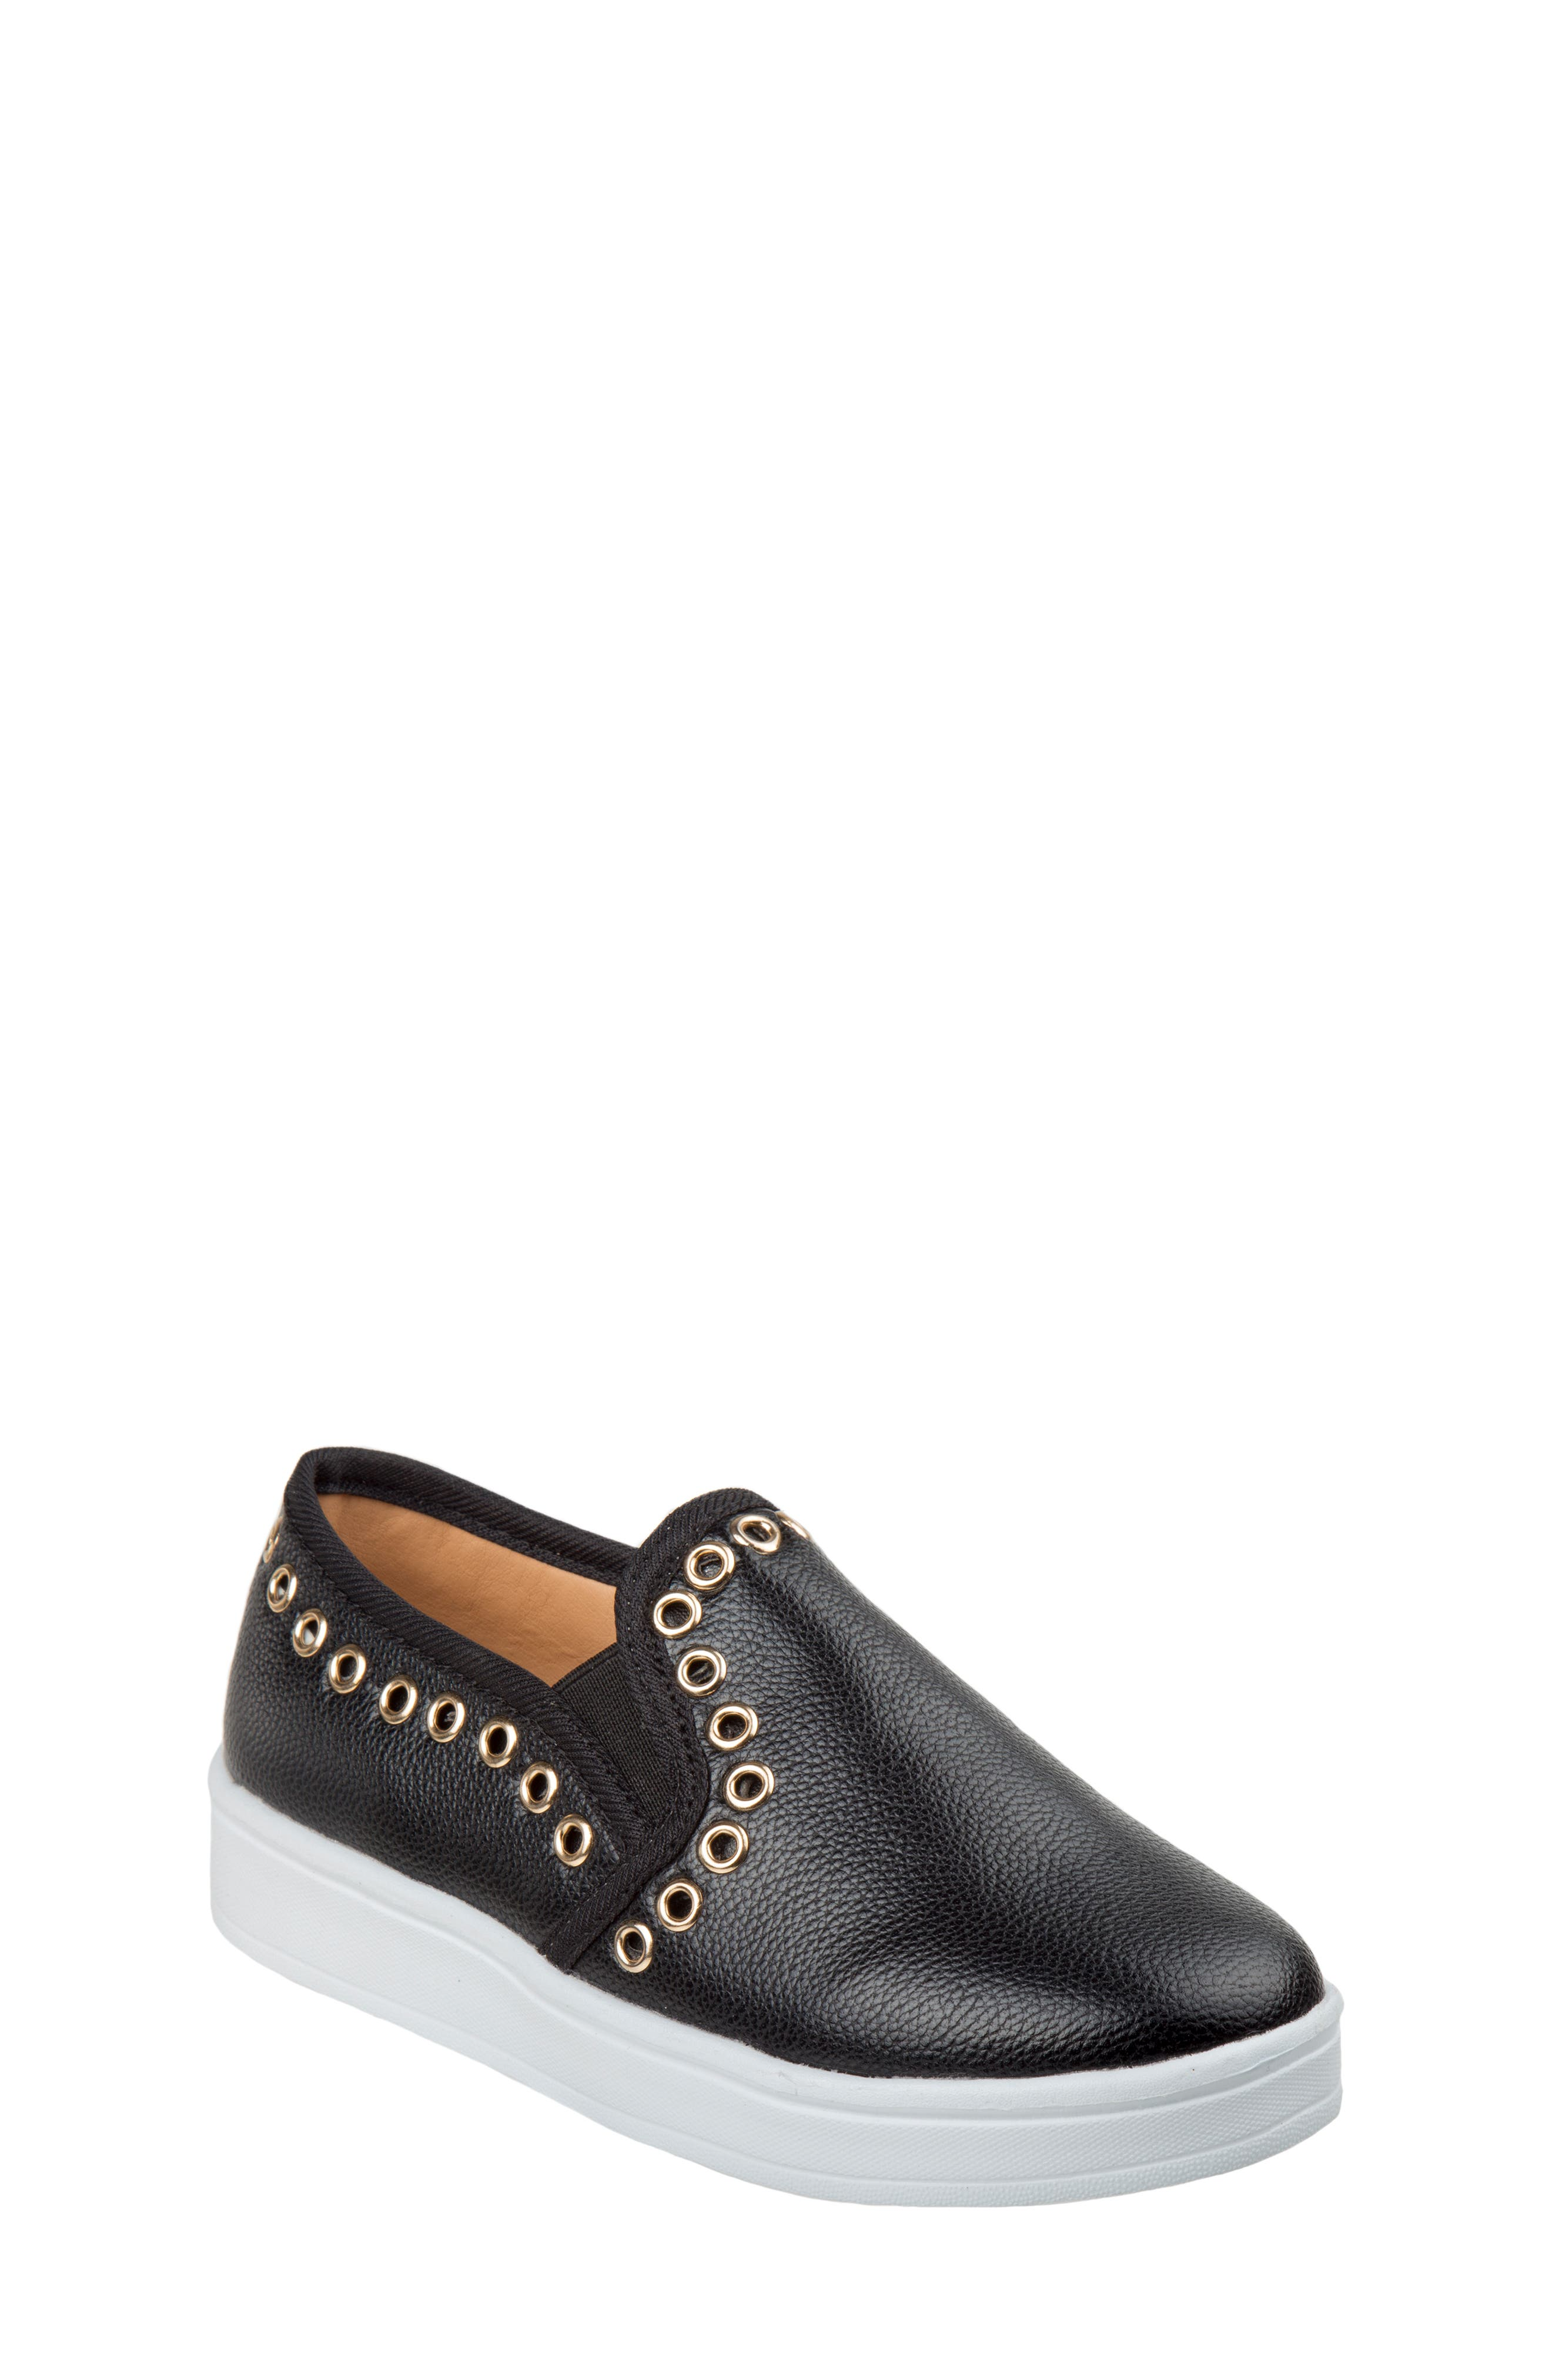 Grommeted Slip-On Sneaker,                             Main thumbnail 1, color,                             BLACK